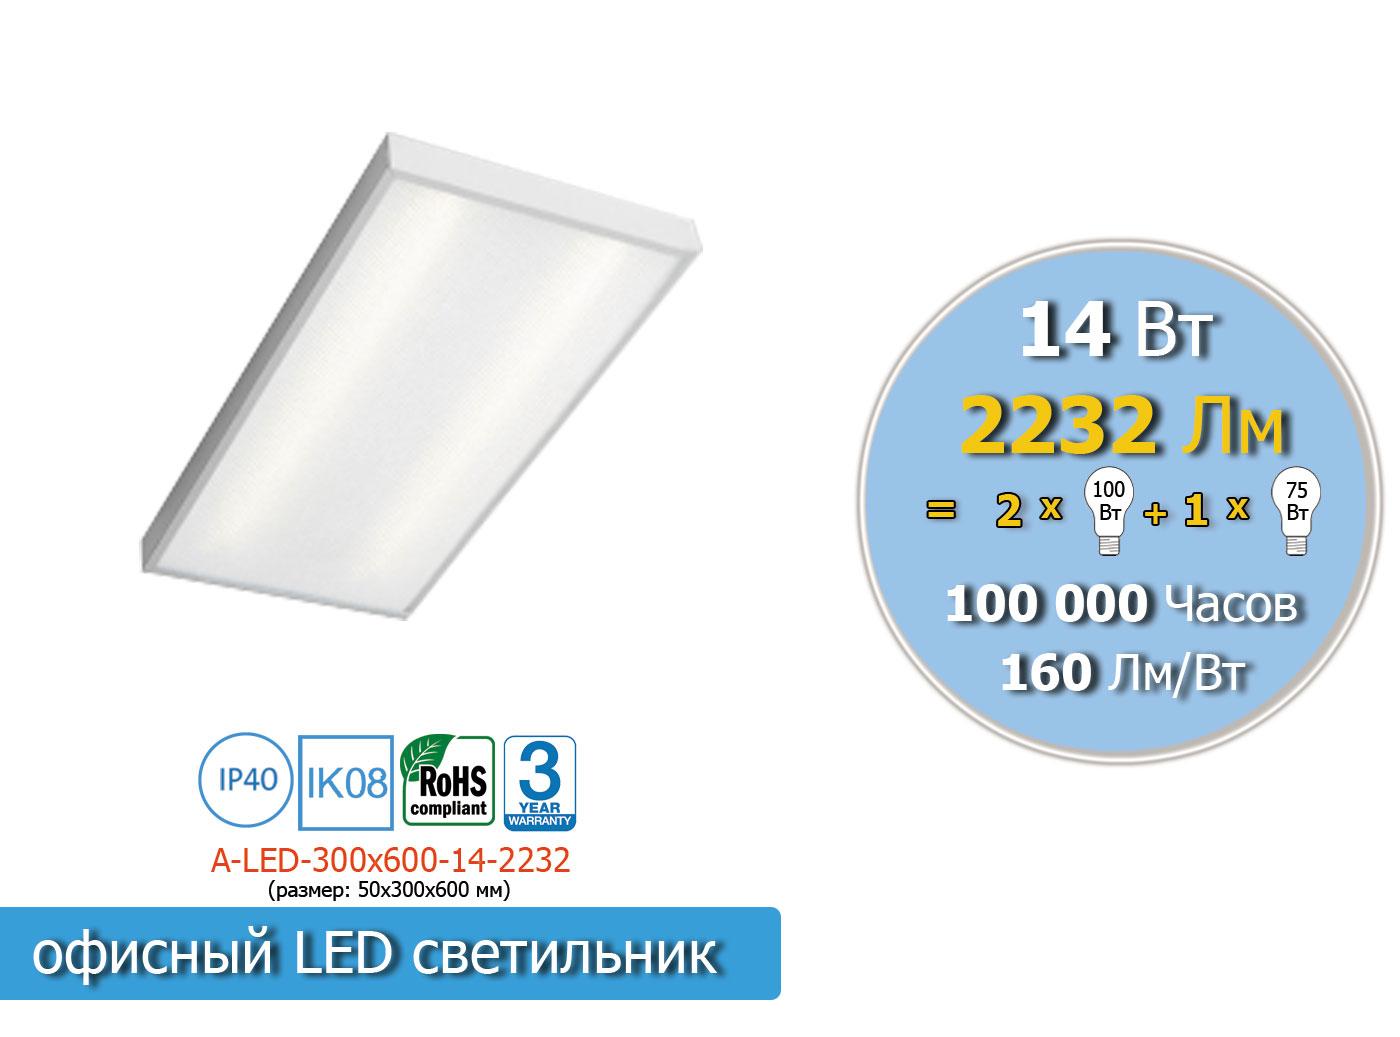 A-LED-600x300-14-2232-Steel